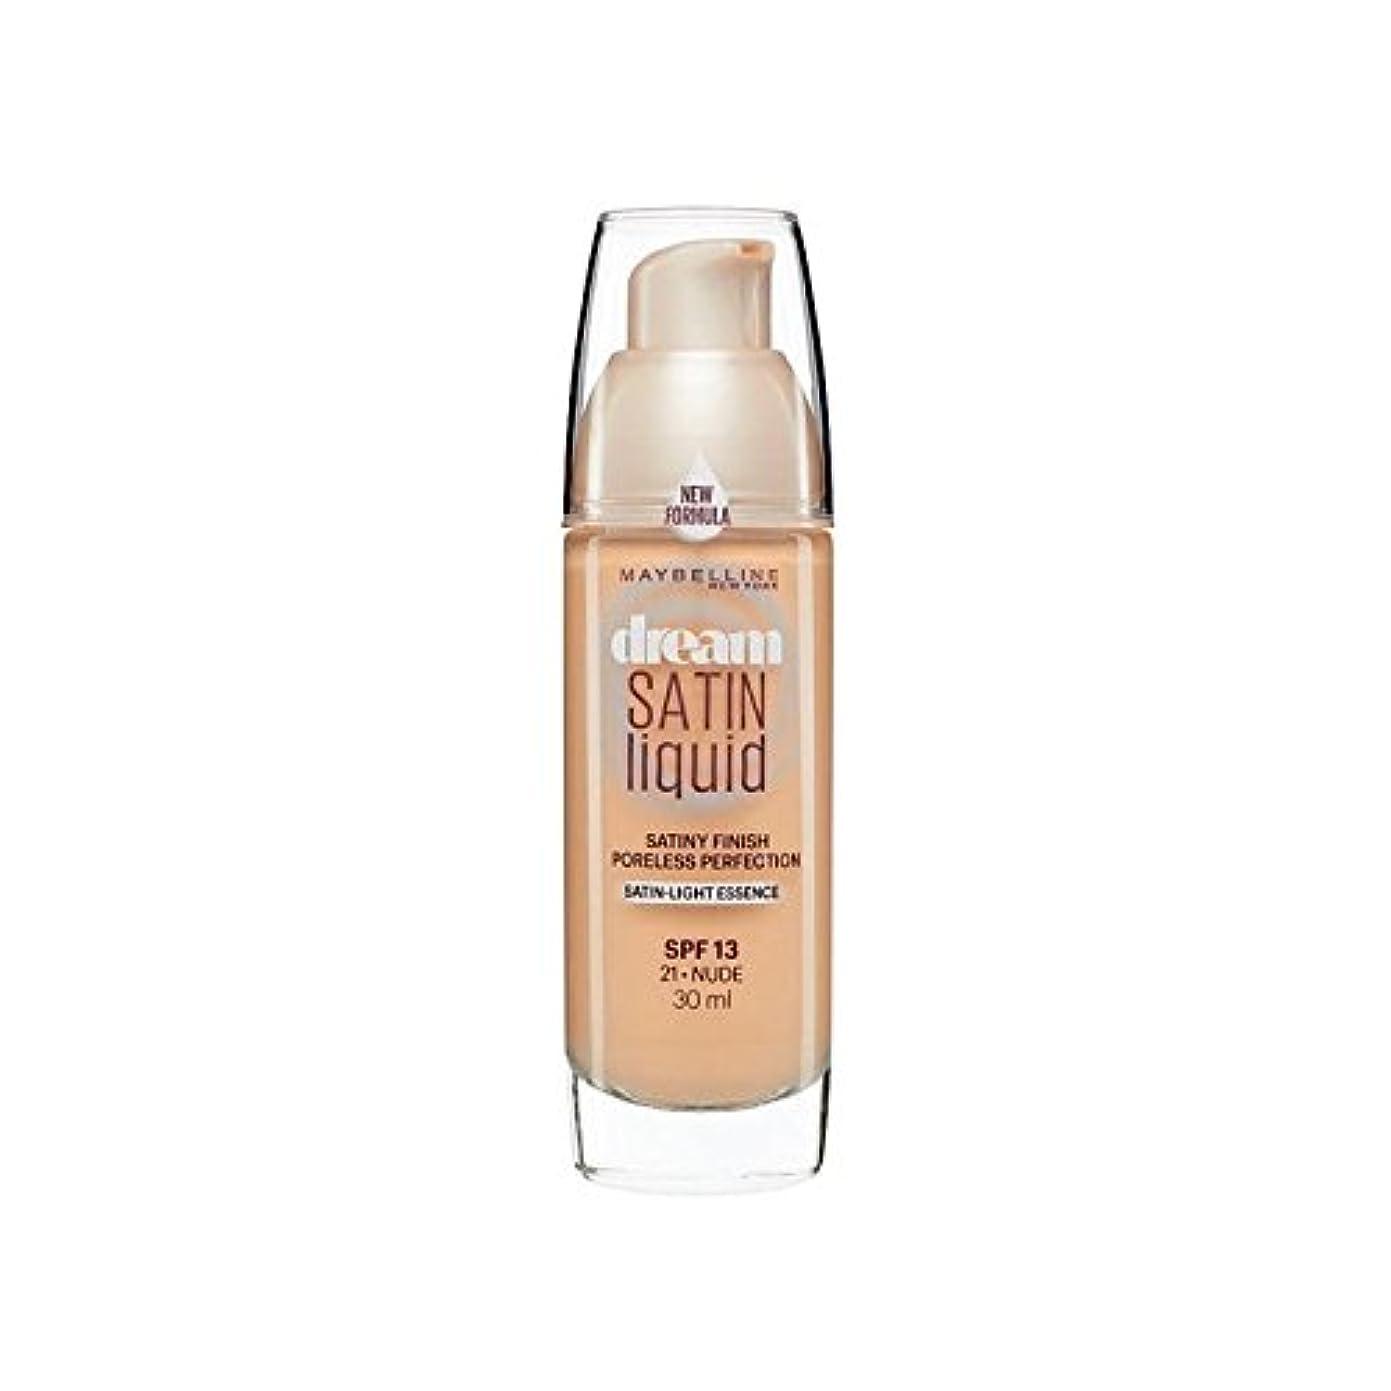 ジャグリング誰が大洪水Maybelline Dream Satin Liquid Foundation 21 Nude 30ml (Pack of 6) - メイベリン夢サテンリキッドファンデーション21ヌード30ミリリットル x6 [並行輸入品]